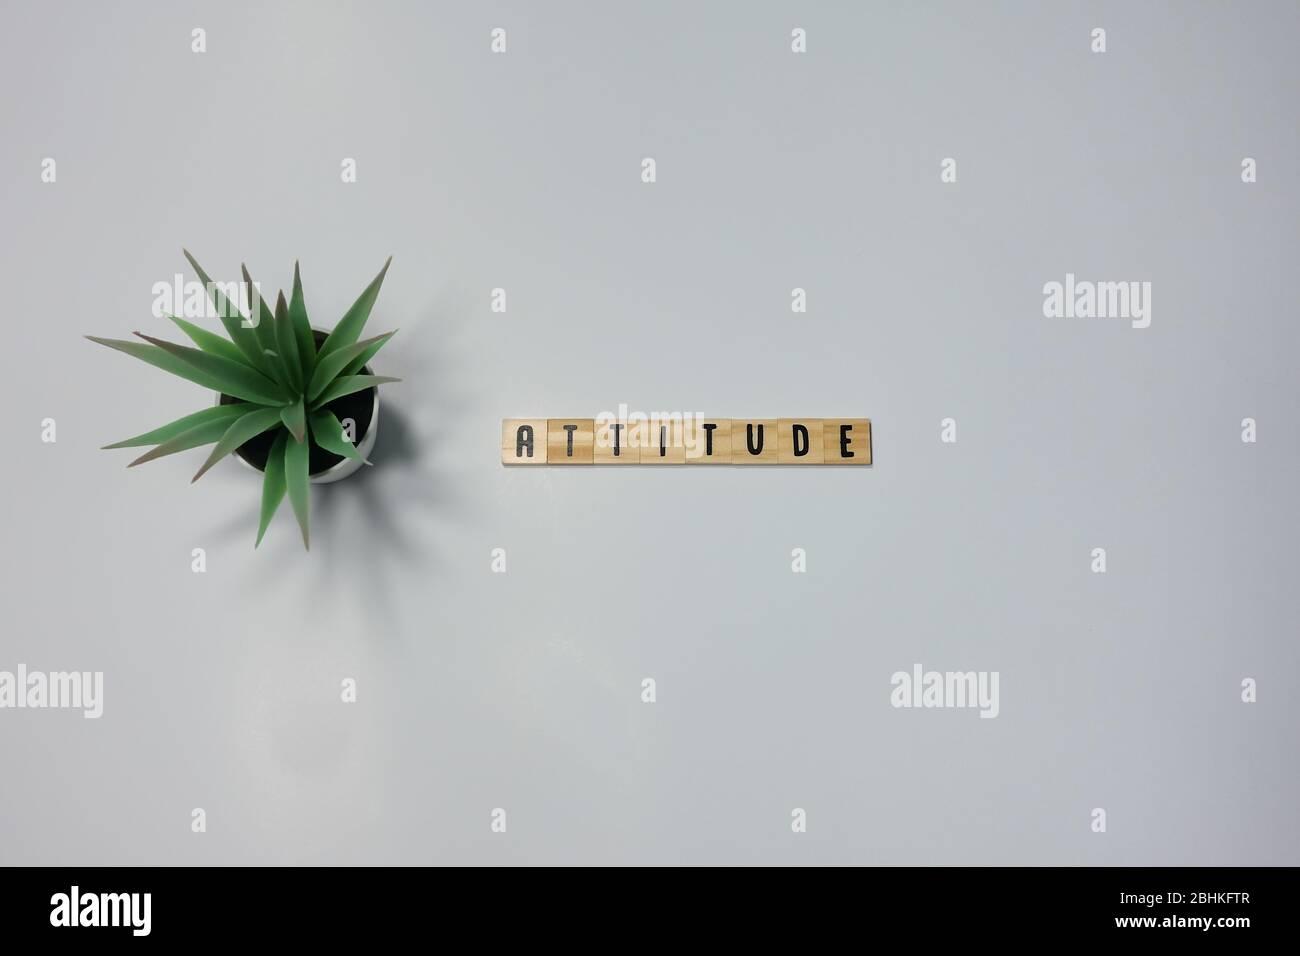 Le mot attitude écrit dans des tuiles de lettre en bois sur un fond blanc. Concept attitude dans les affaires, la vie et le bonheur. Banque D'Images